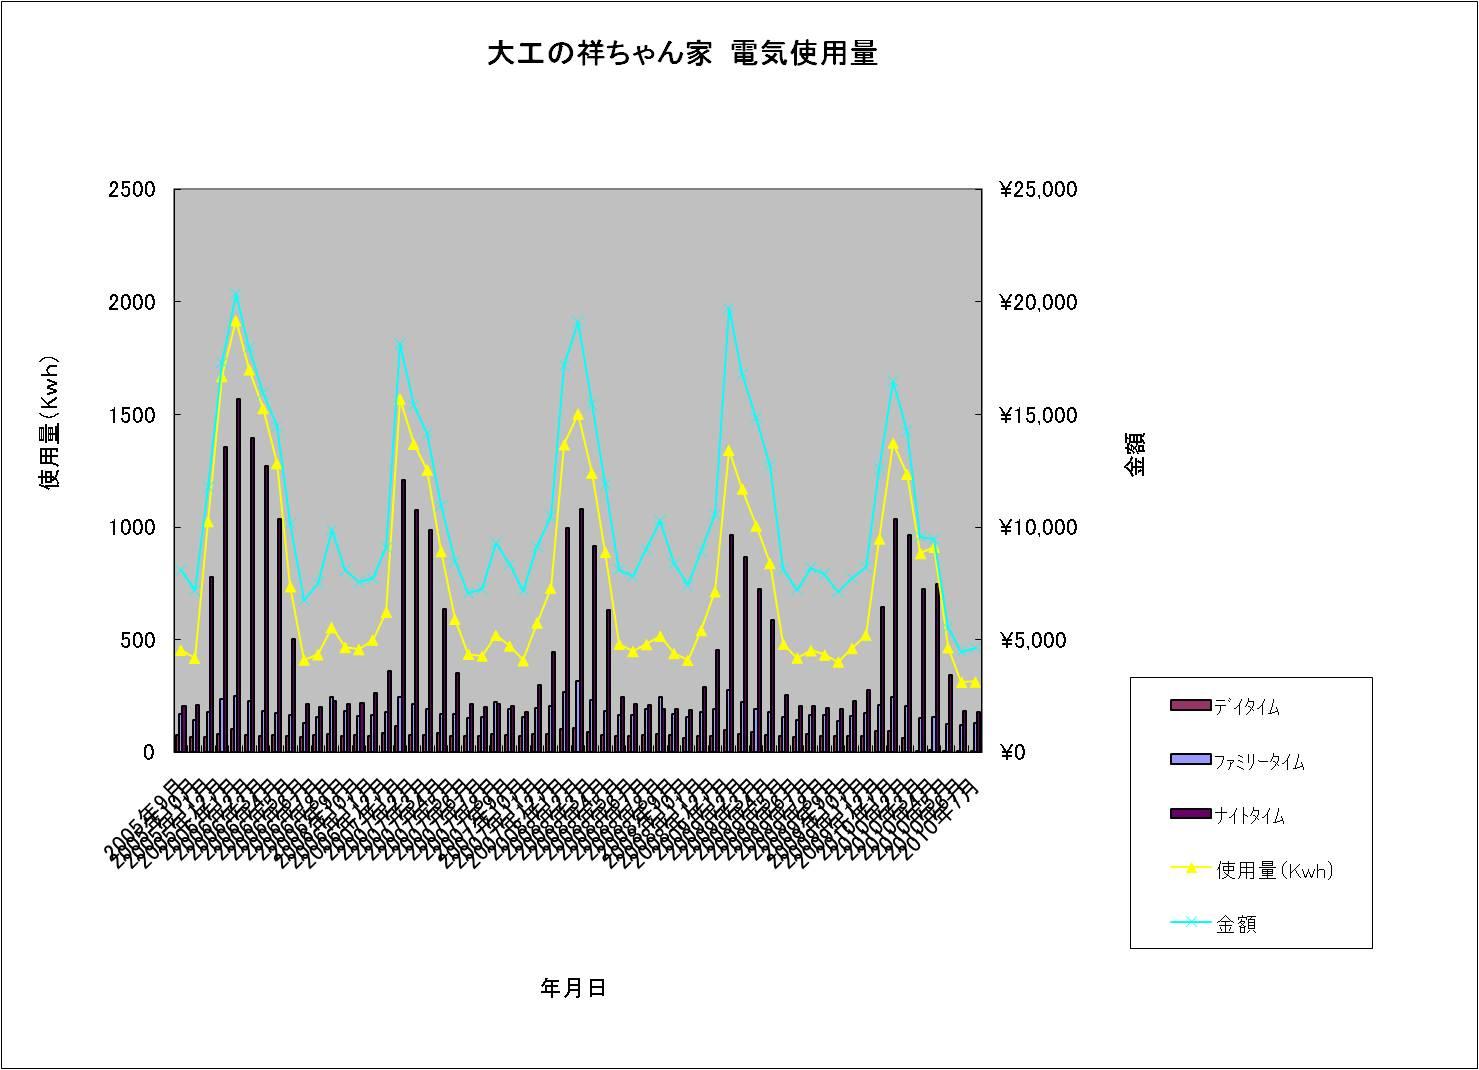 大工の祥ちゃん家 電気使用量20100722.jpg